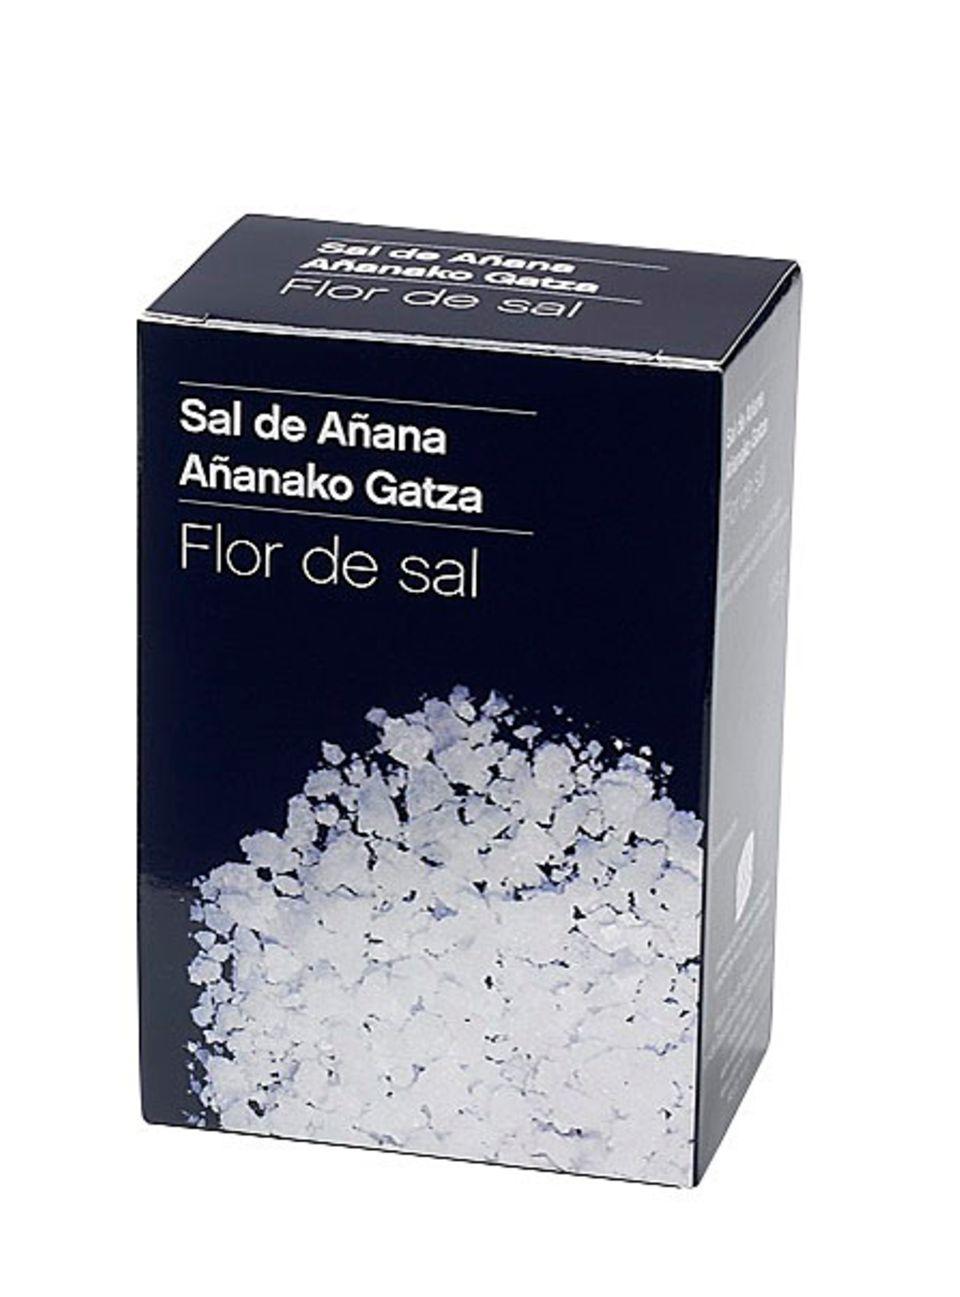 Reines, mildes Salz aus Añana, Spanien